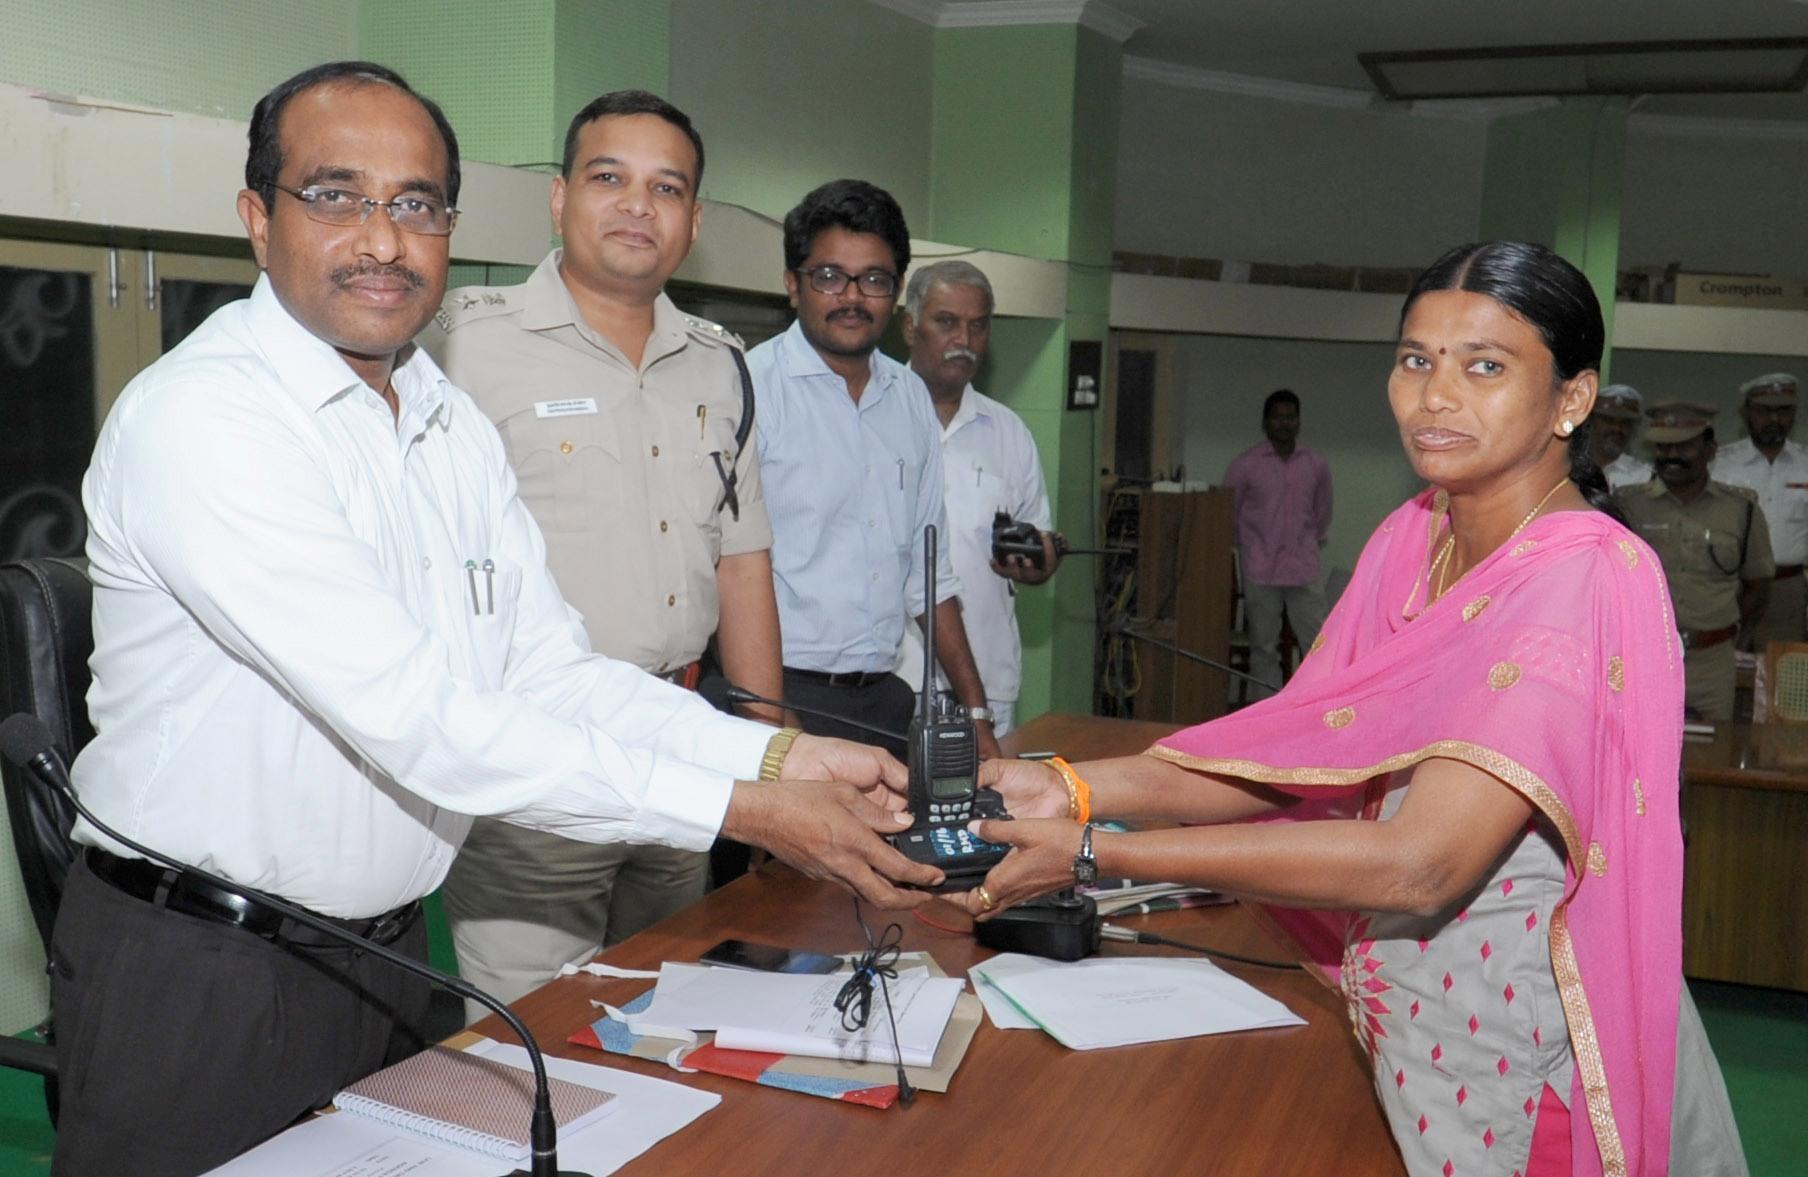 ராமநாதபுரம் மாவட்ட பேரிடர் மீட்பு அதிகாரிகளுக்கு வாக்கி டாக்கி